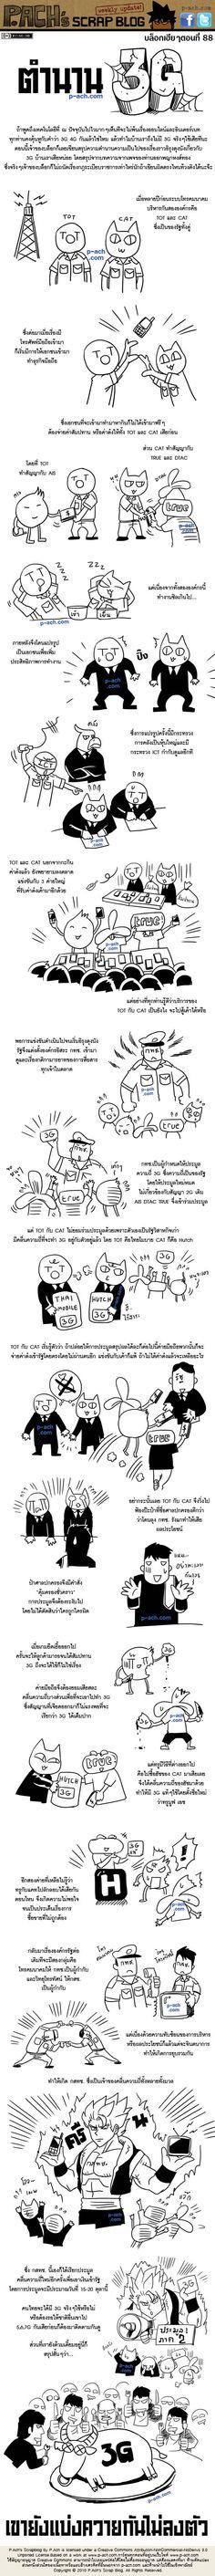 3g thailand